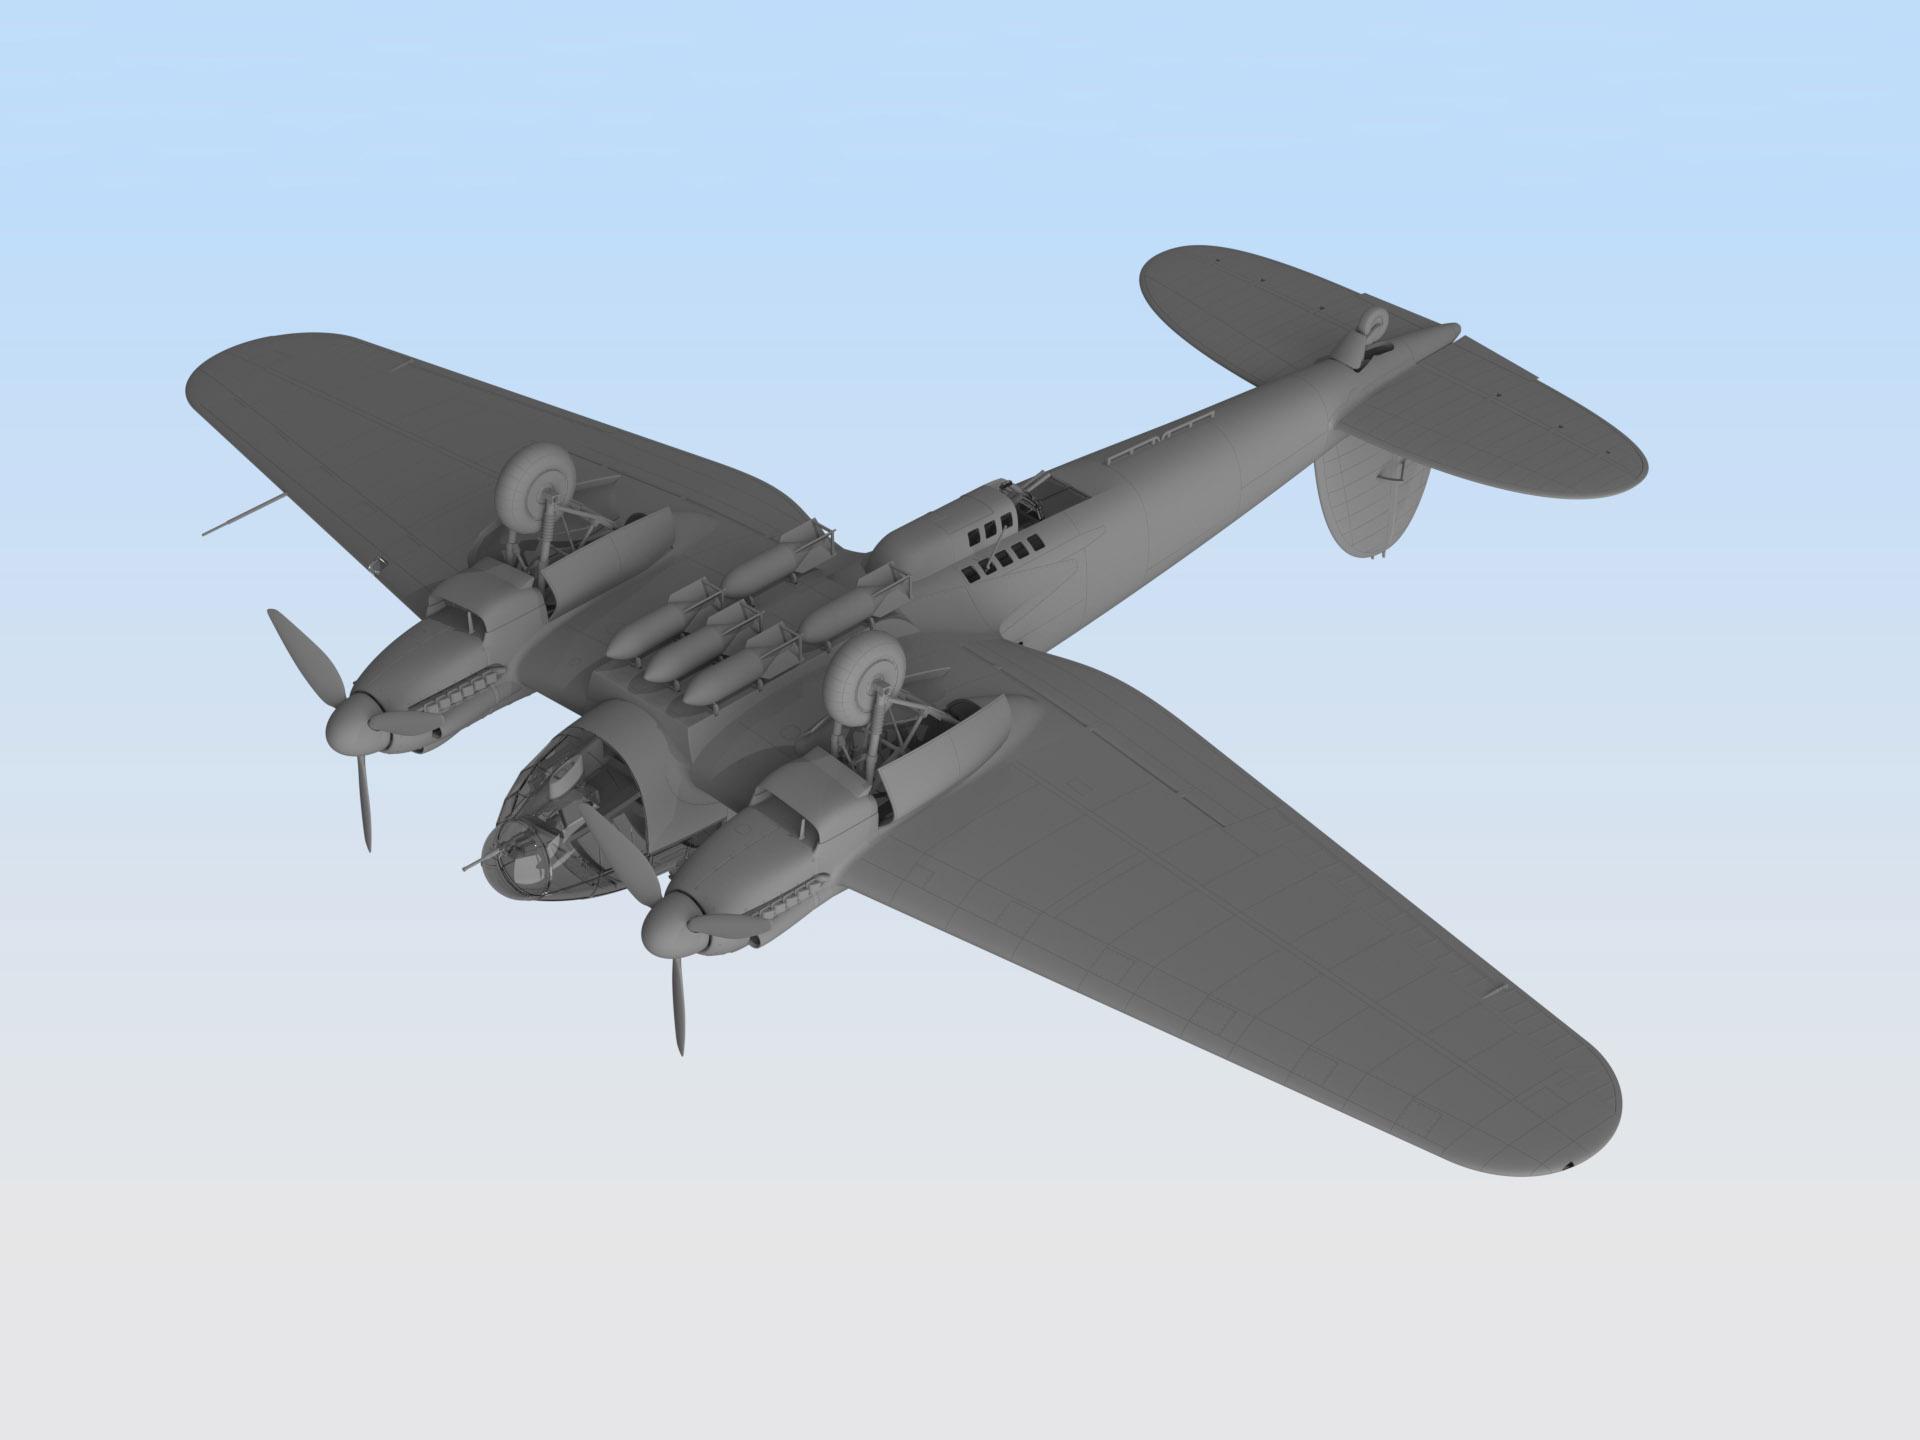 1538381296_heinkel-111-h16-2